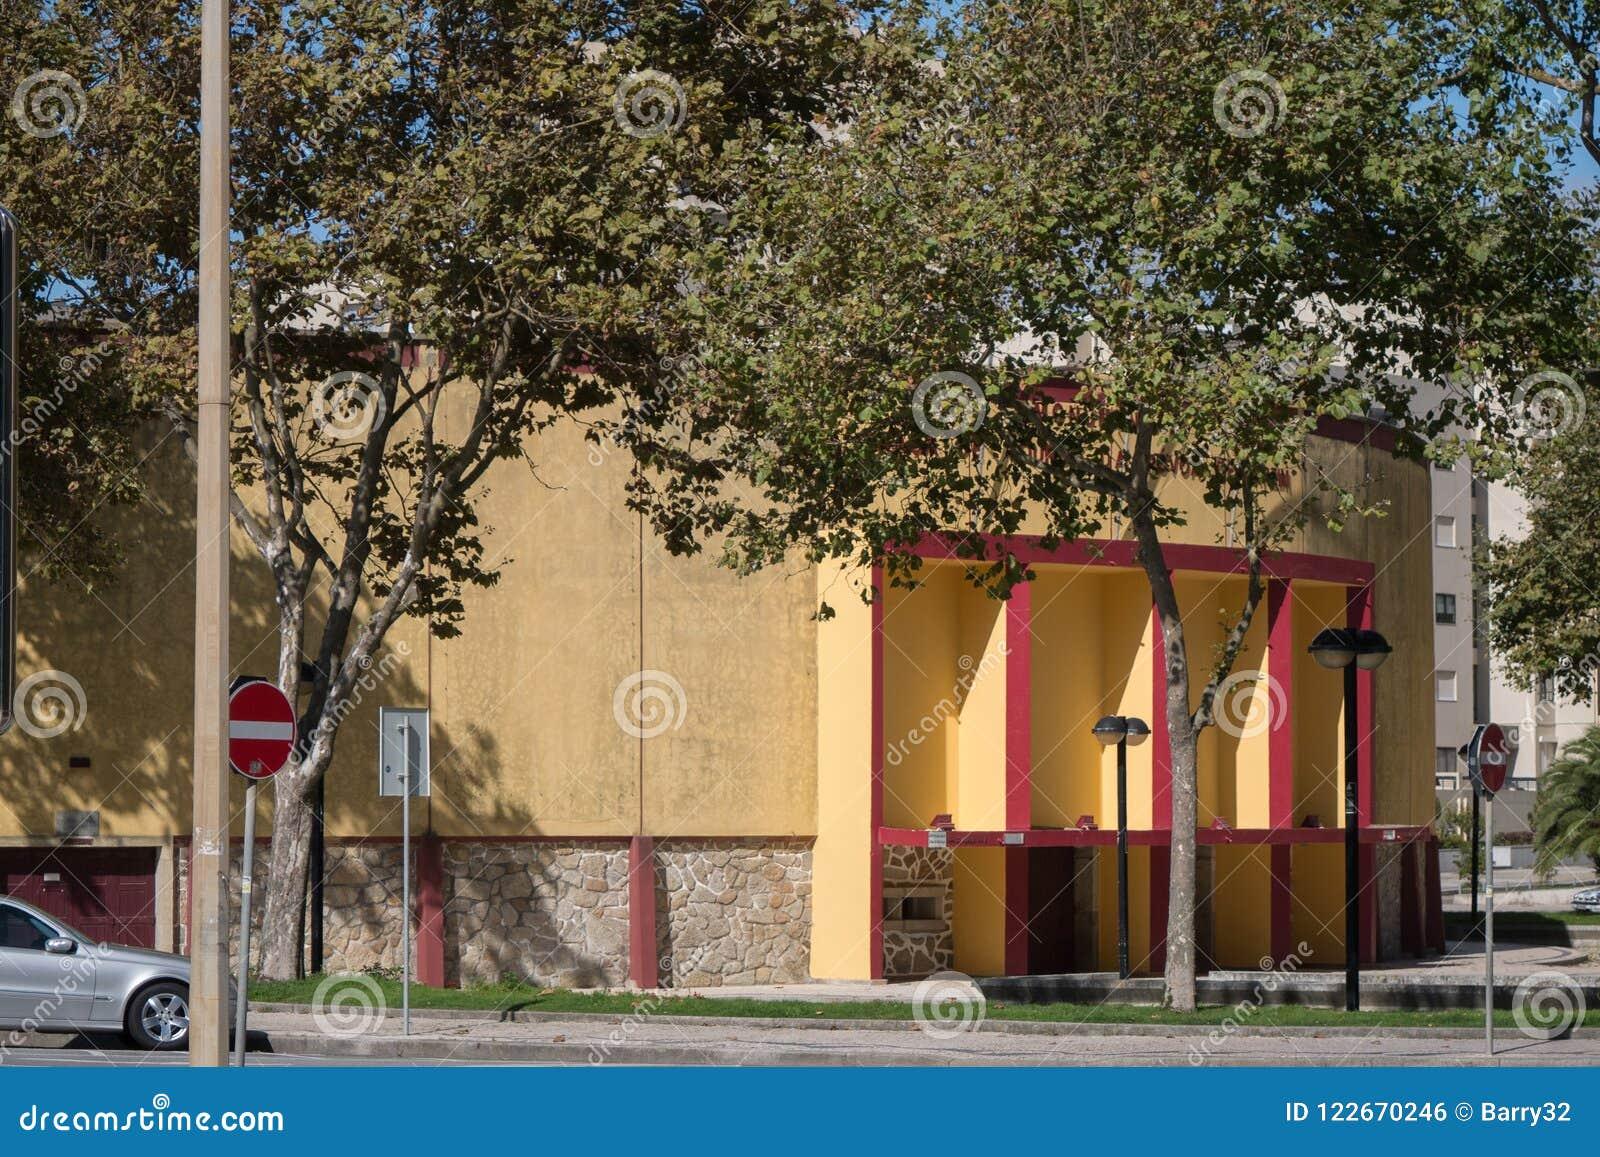 Viejos arena de la tauromaquia/Praca de Touros en Portugal septentrional, Povoa de Varzim